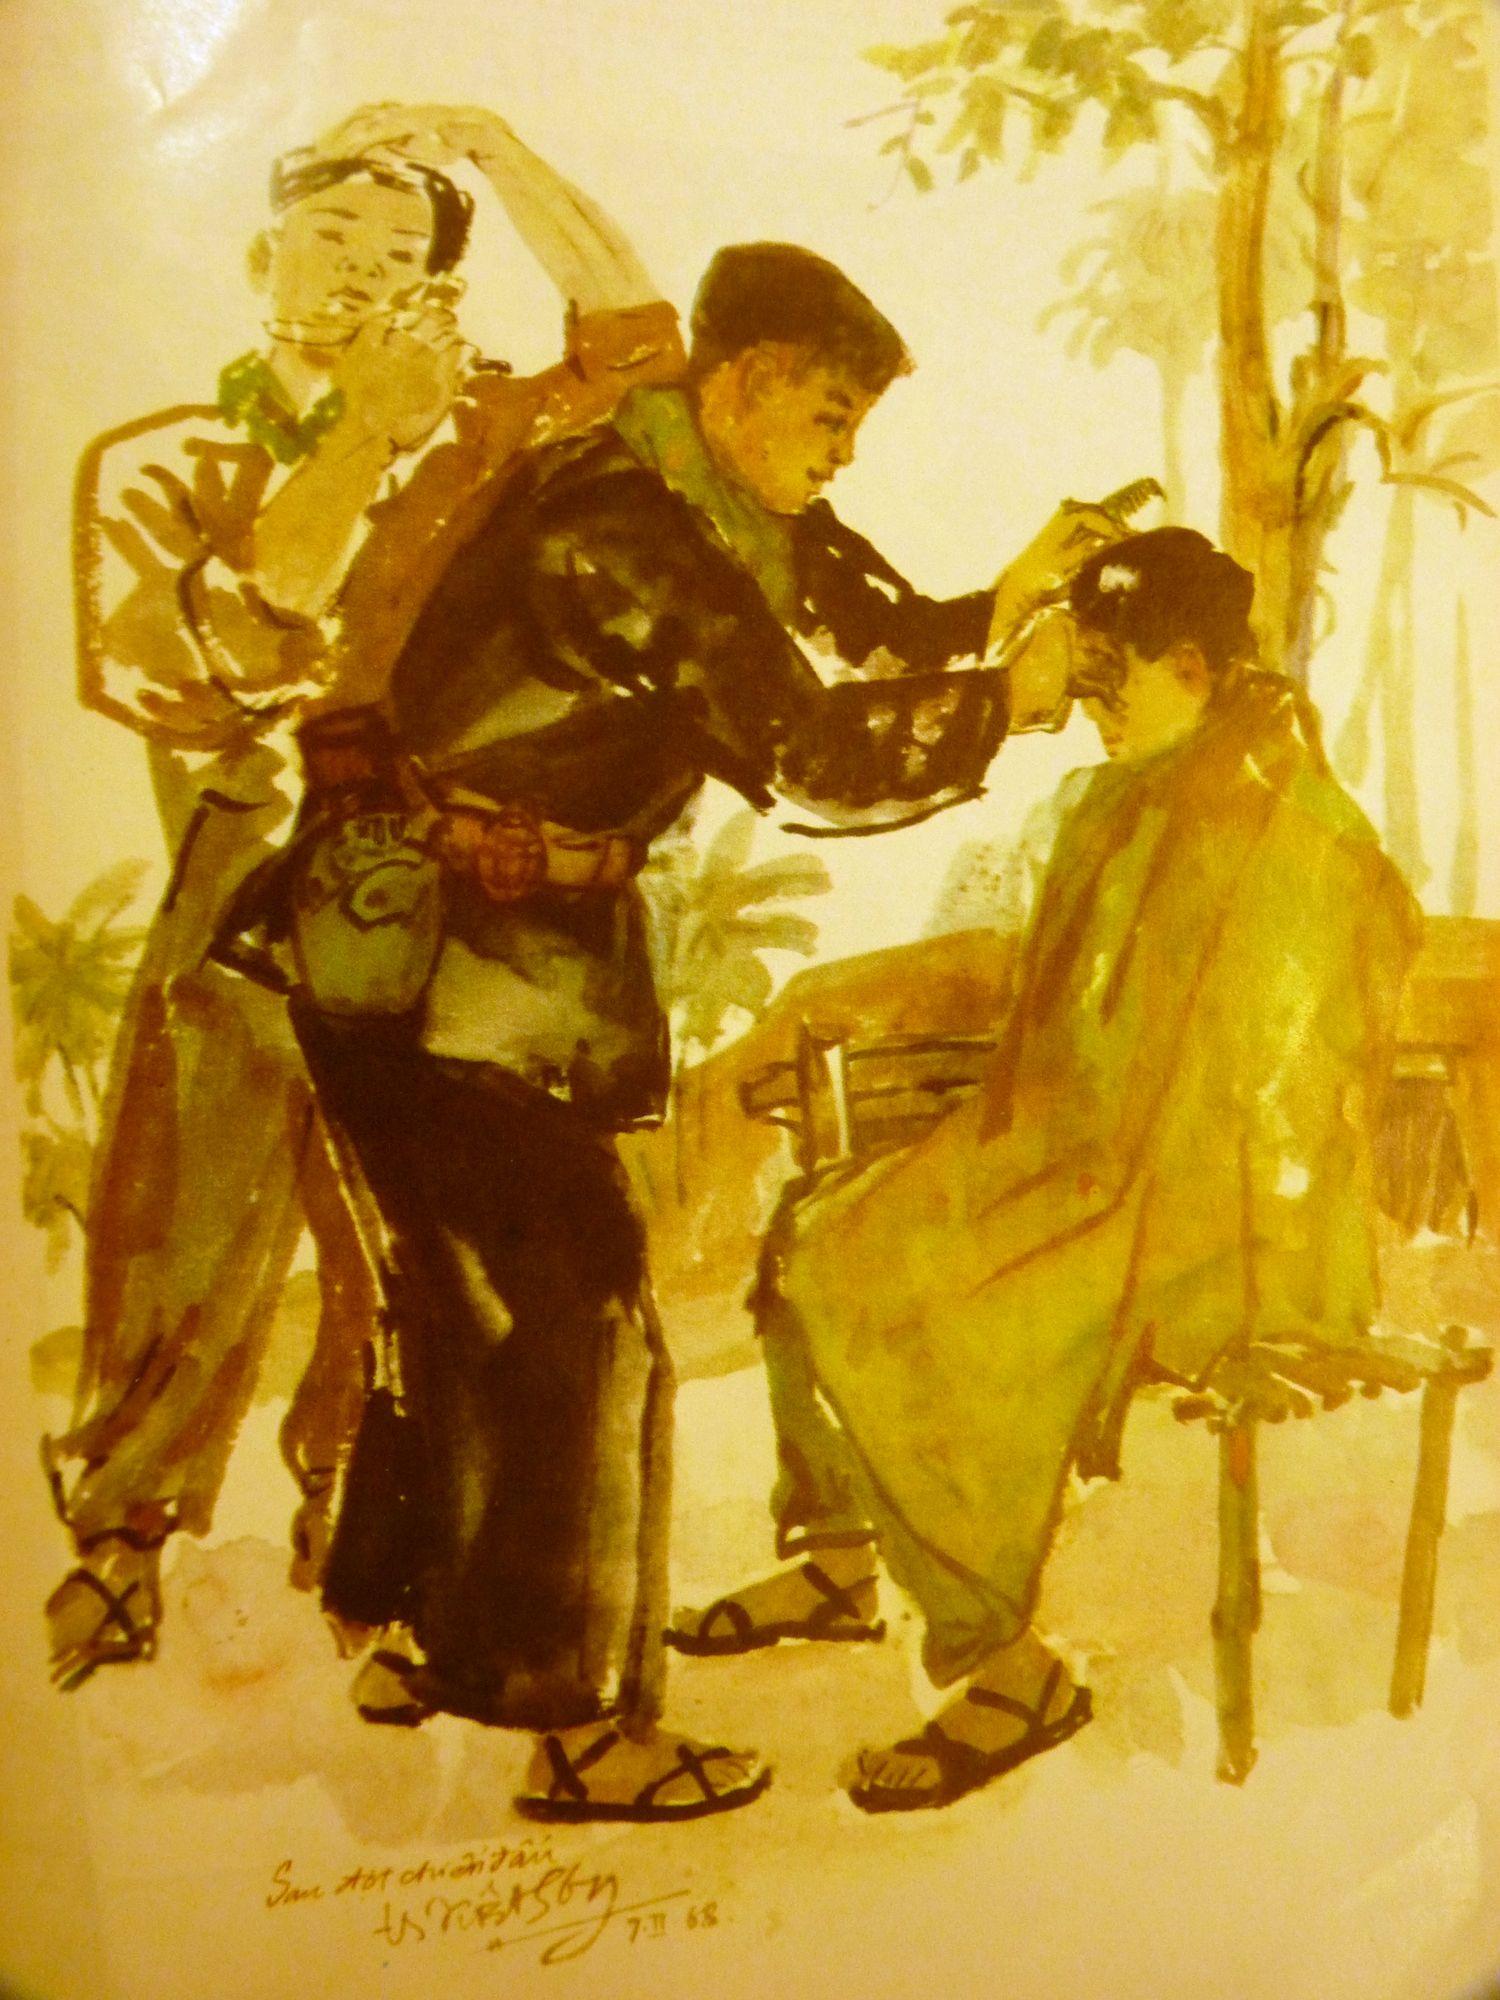 Vietnam War Art - Asian and African studies blog